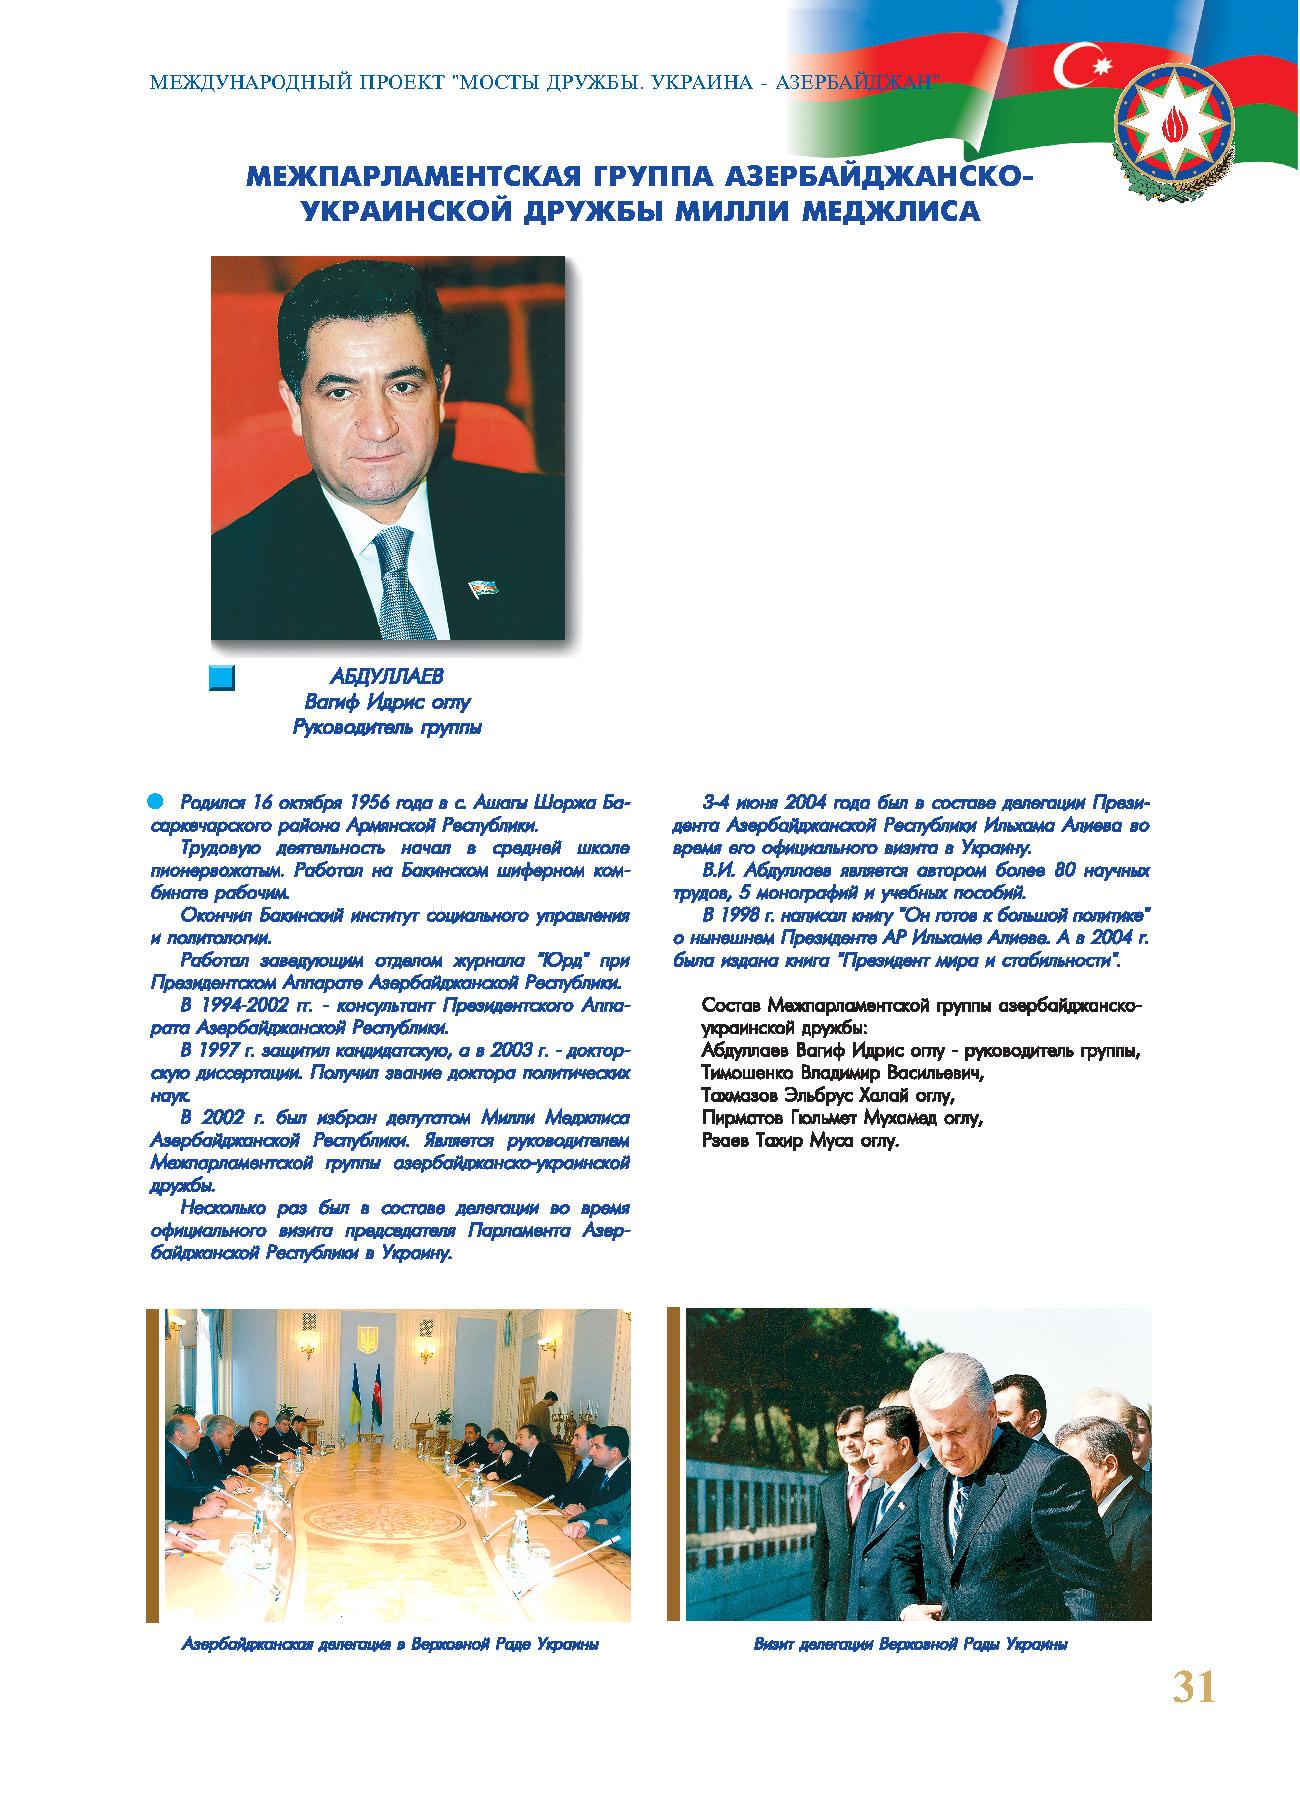 Межпарламентская группа Азербайджанско - Украинской дружбы Милли Меджлиса